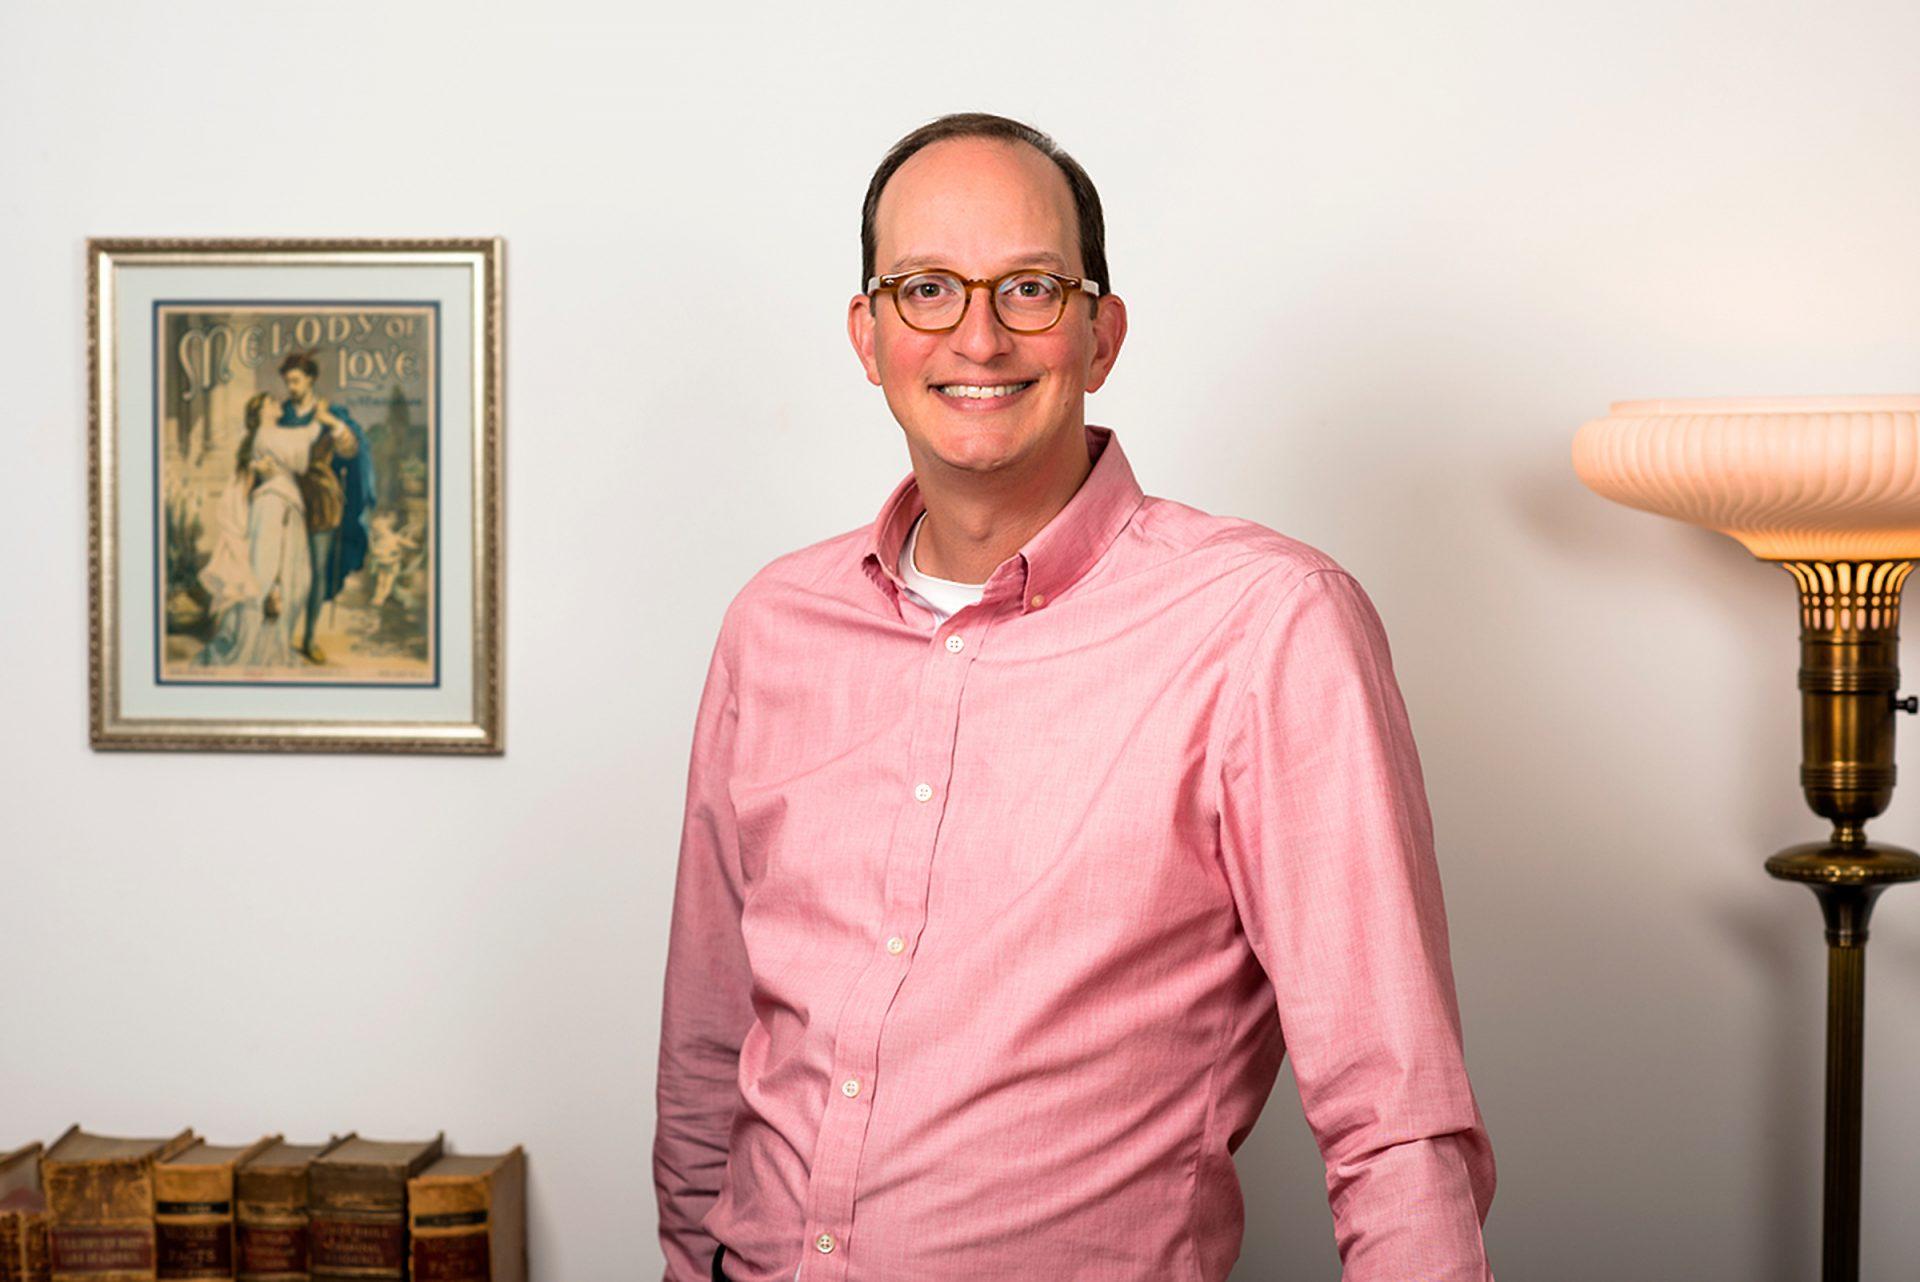 Attorney Jonathan Goldstein